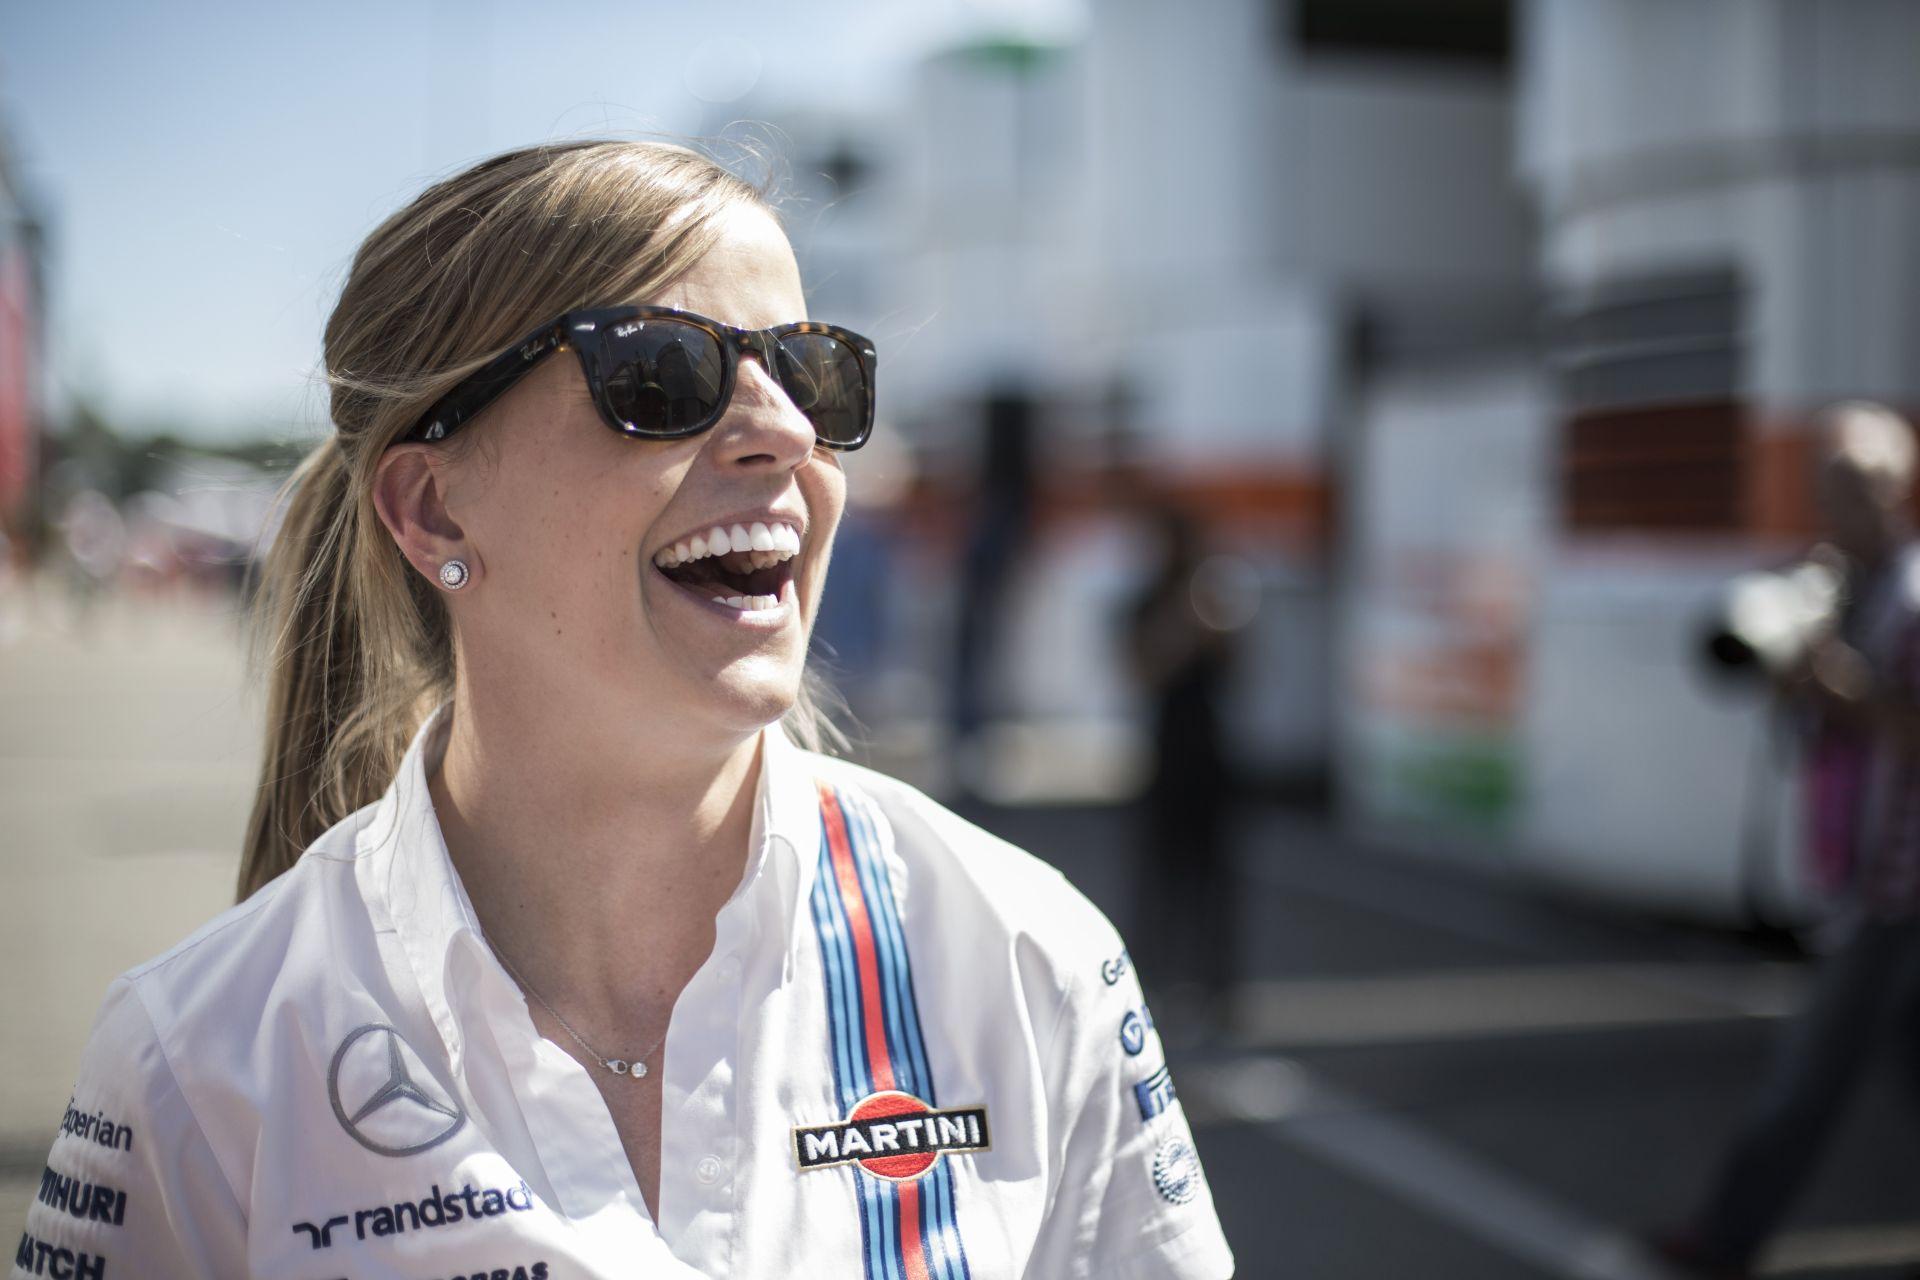 Világszenzáció lenne: két női versenyzővel az F1-es rajtrácson a Haas! Danica és Susie!